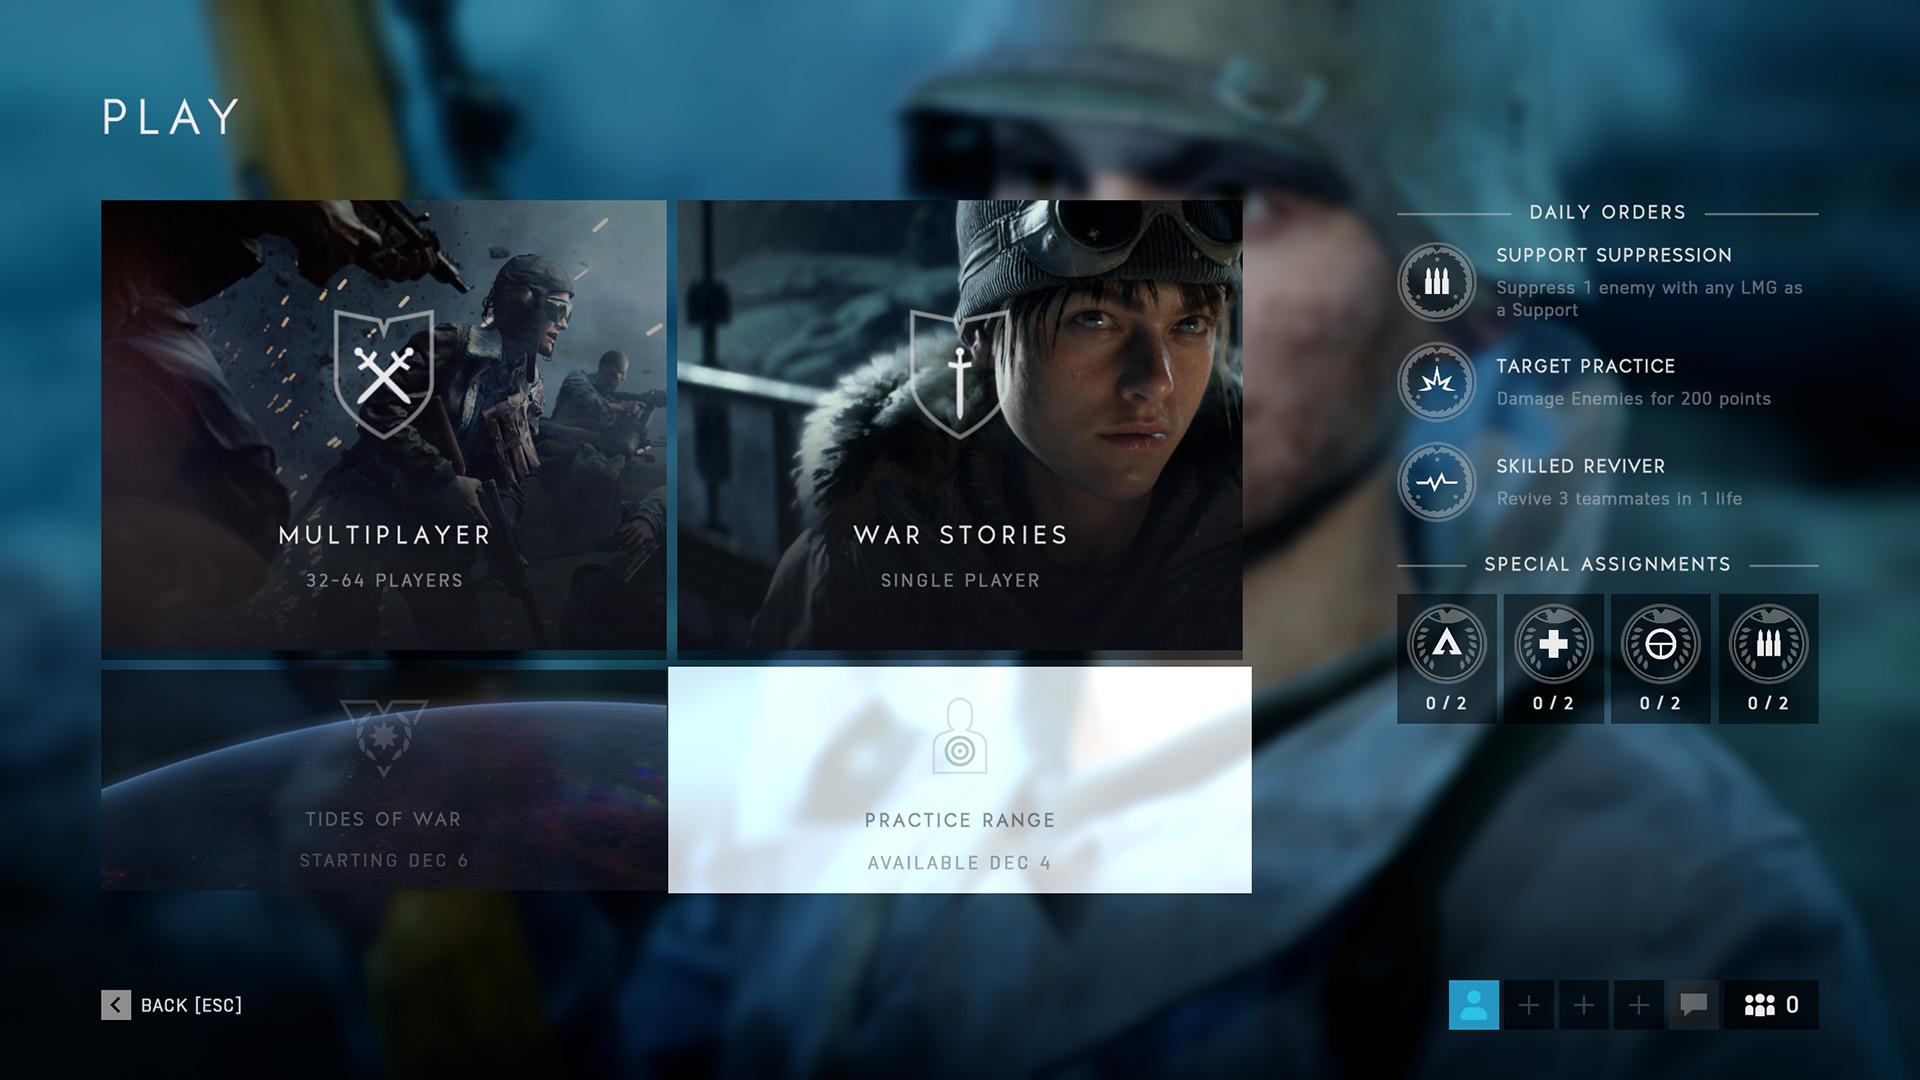 Battlefield V Screenshot 2018_0020_Battlefield V Screenshot 2018.11.11 - 20.34.33.69.jpg